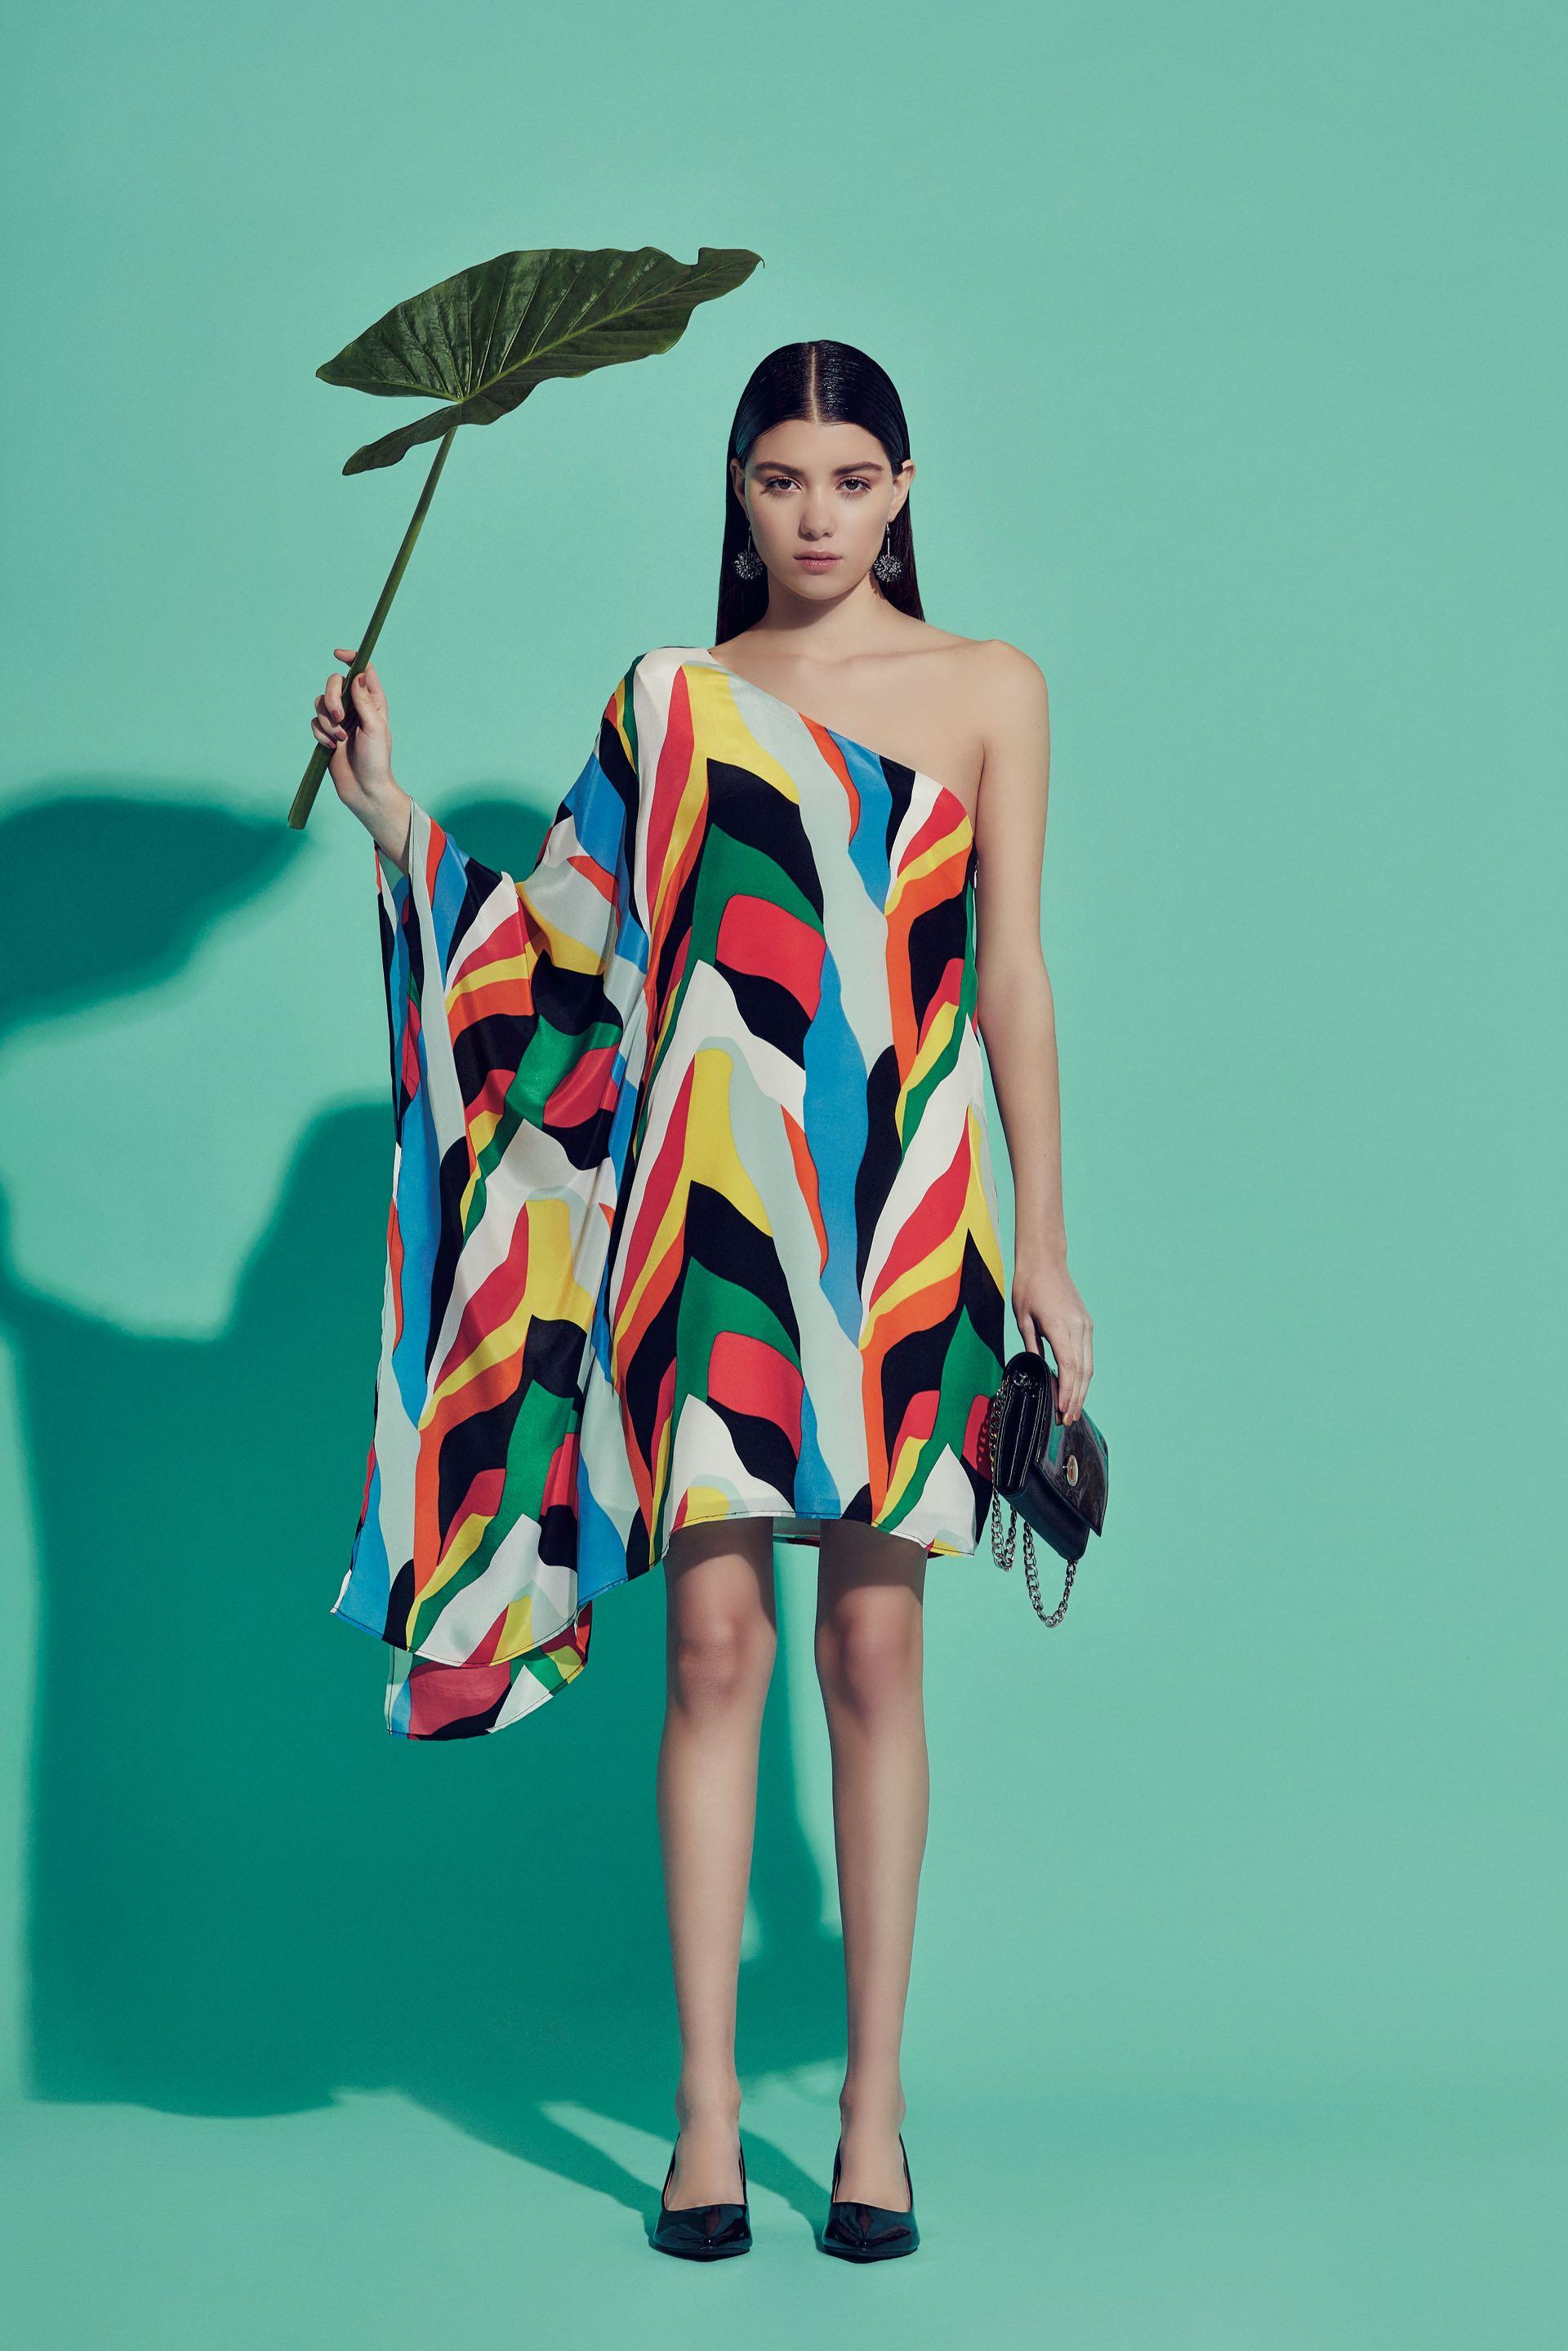 Vestido de seda estampada con un solo hombro ($ 6.998, Ayres) y zapatos ($ 2.290, Viamo). Cartera de charol ($ 2.300, Vitamina) y aros ($ 390, India Style). (Foto: Chino Toccalino/ Para Ti)